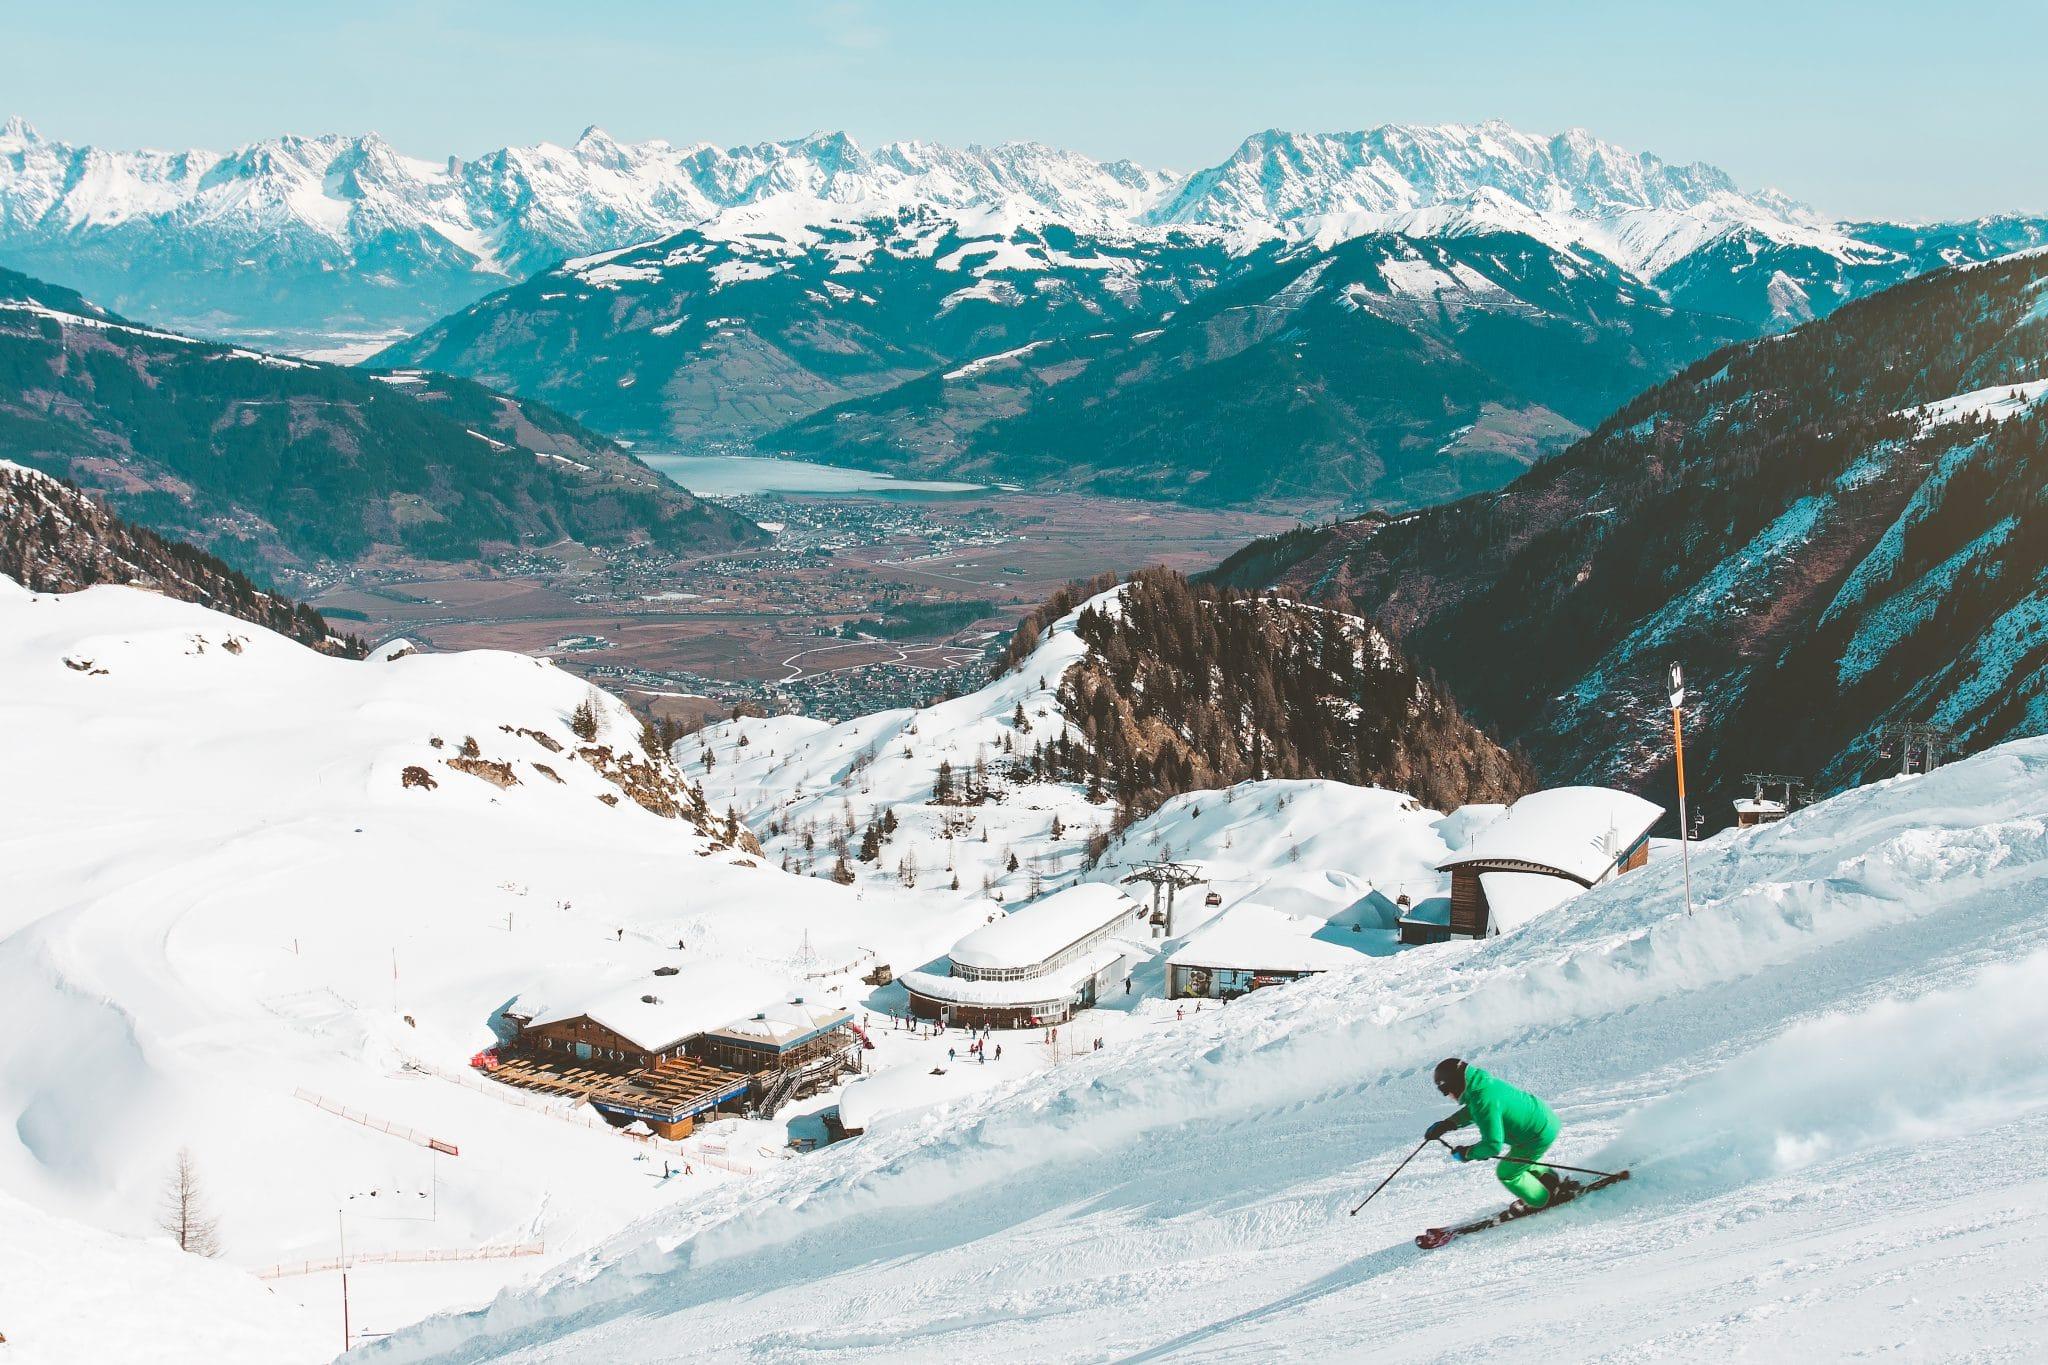 Station de ski en Autriche vue sur montagnes